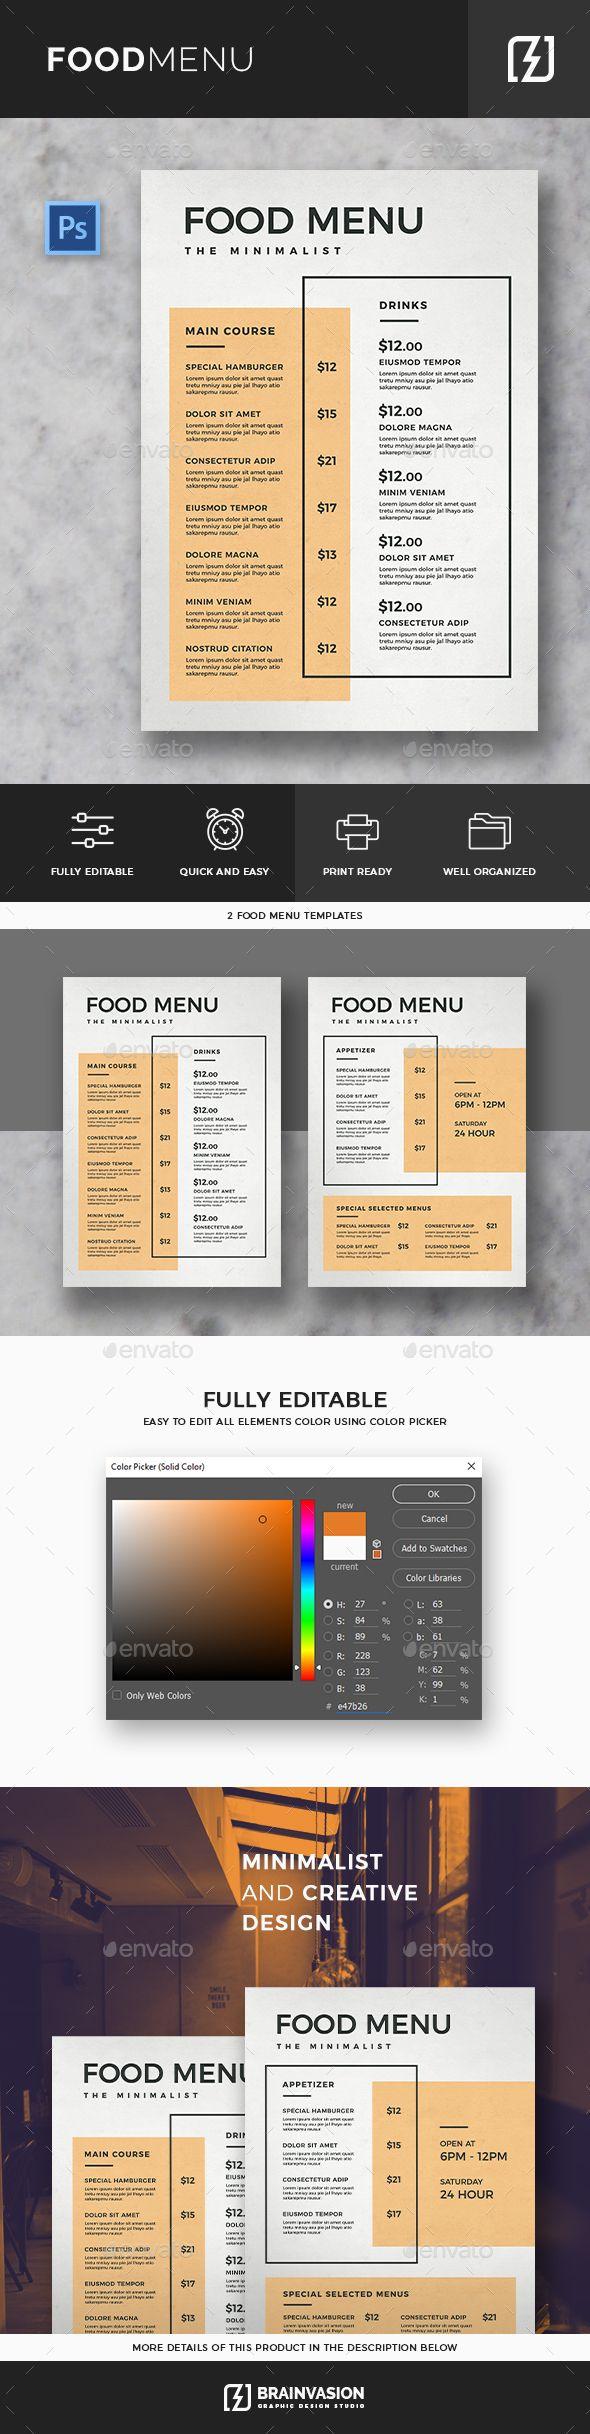 Minimal Food Menu Template | Cafetería, Monos blancos y Menus ...